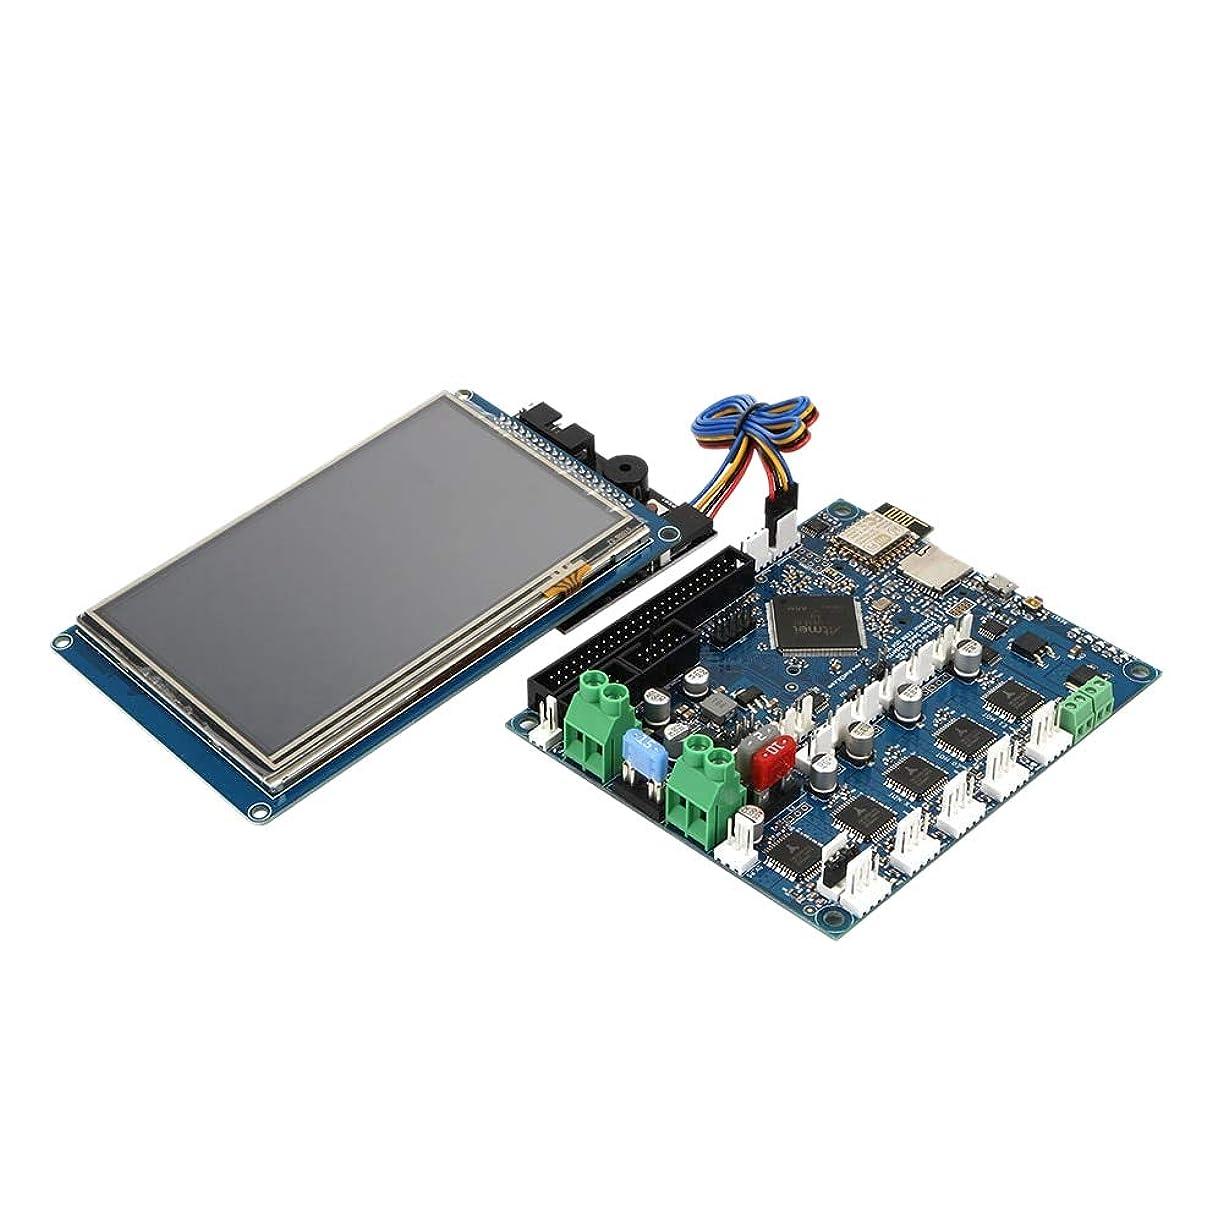 吸収剤ビジョンレインコートNrpfell 最新バージョンDuet 2 Wifi V1.04クローンDuetwifiアドバンスト32ビットエレクトロニクス、5インチPaneldueタッチスクリーンコントローラ - (サイズ:コントロール付き5液晶))